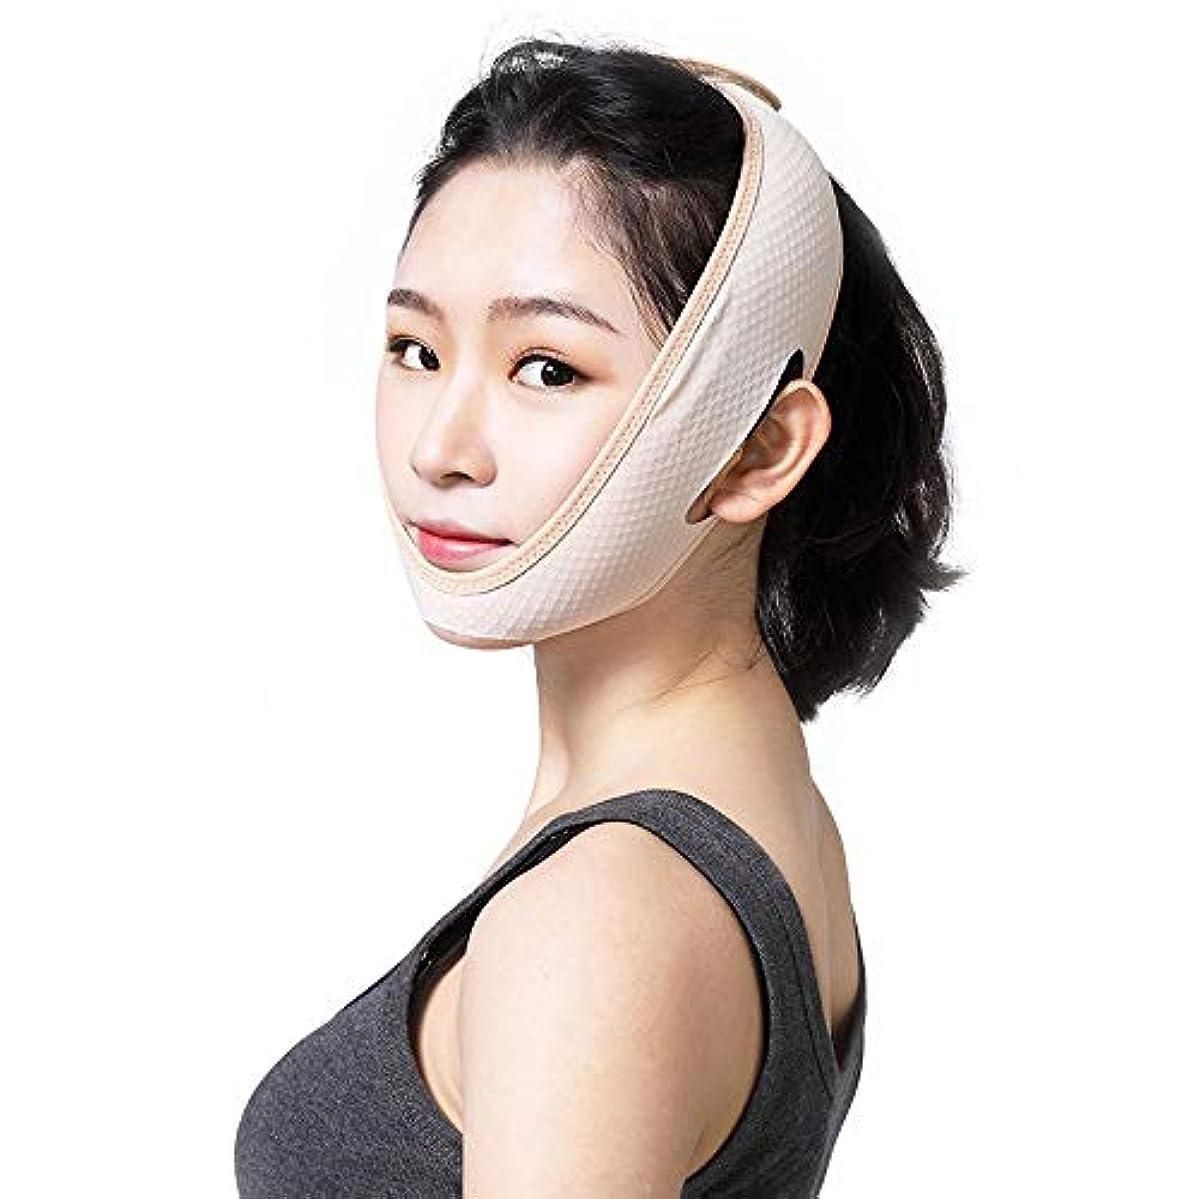 アンソロジーメモ追加Minmin シンフェイスアーティファクトVフェイスタイトリフティングフェイスリフトシンダブルチン男性と女性フェイス包帯マスク みんみんVラインフェイスマスク